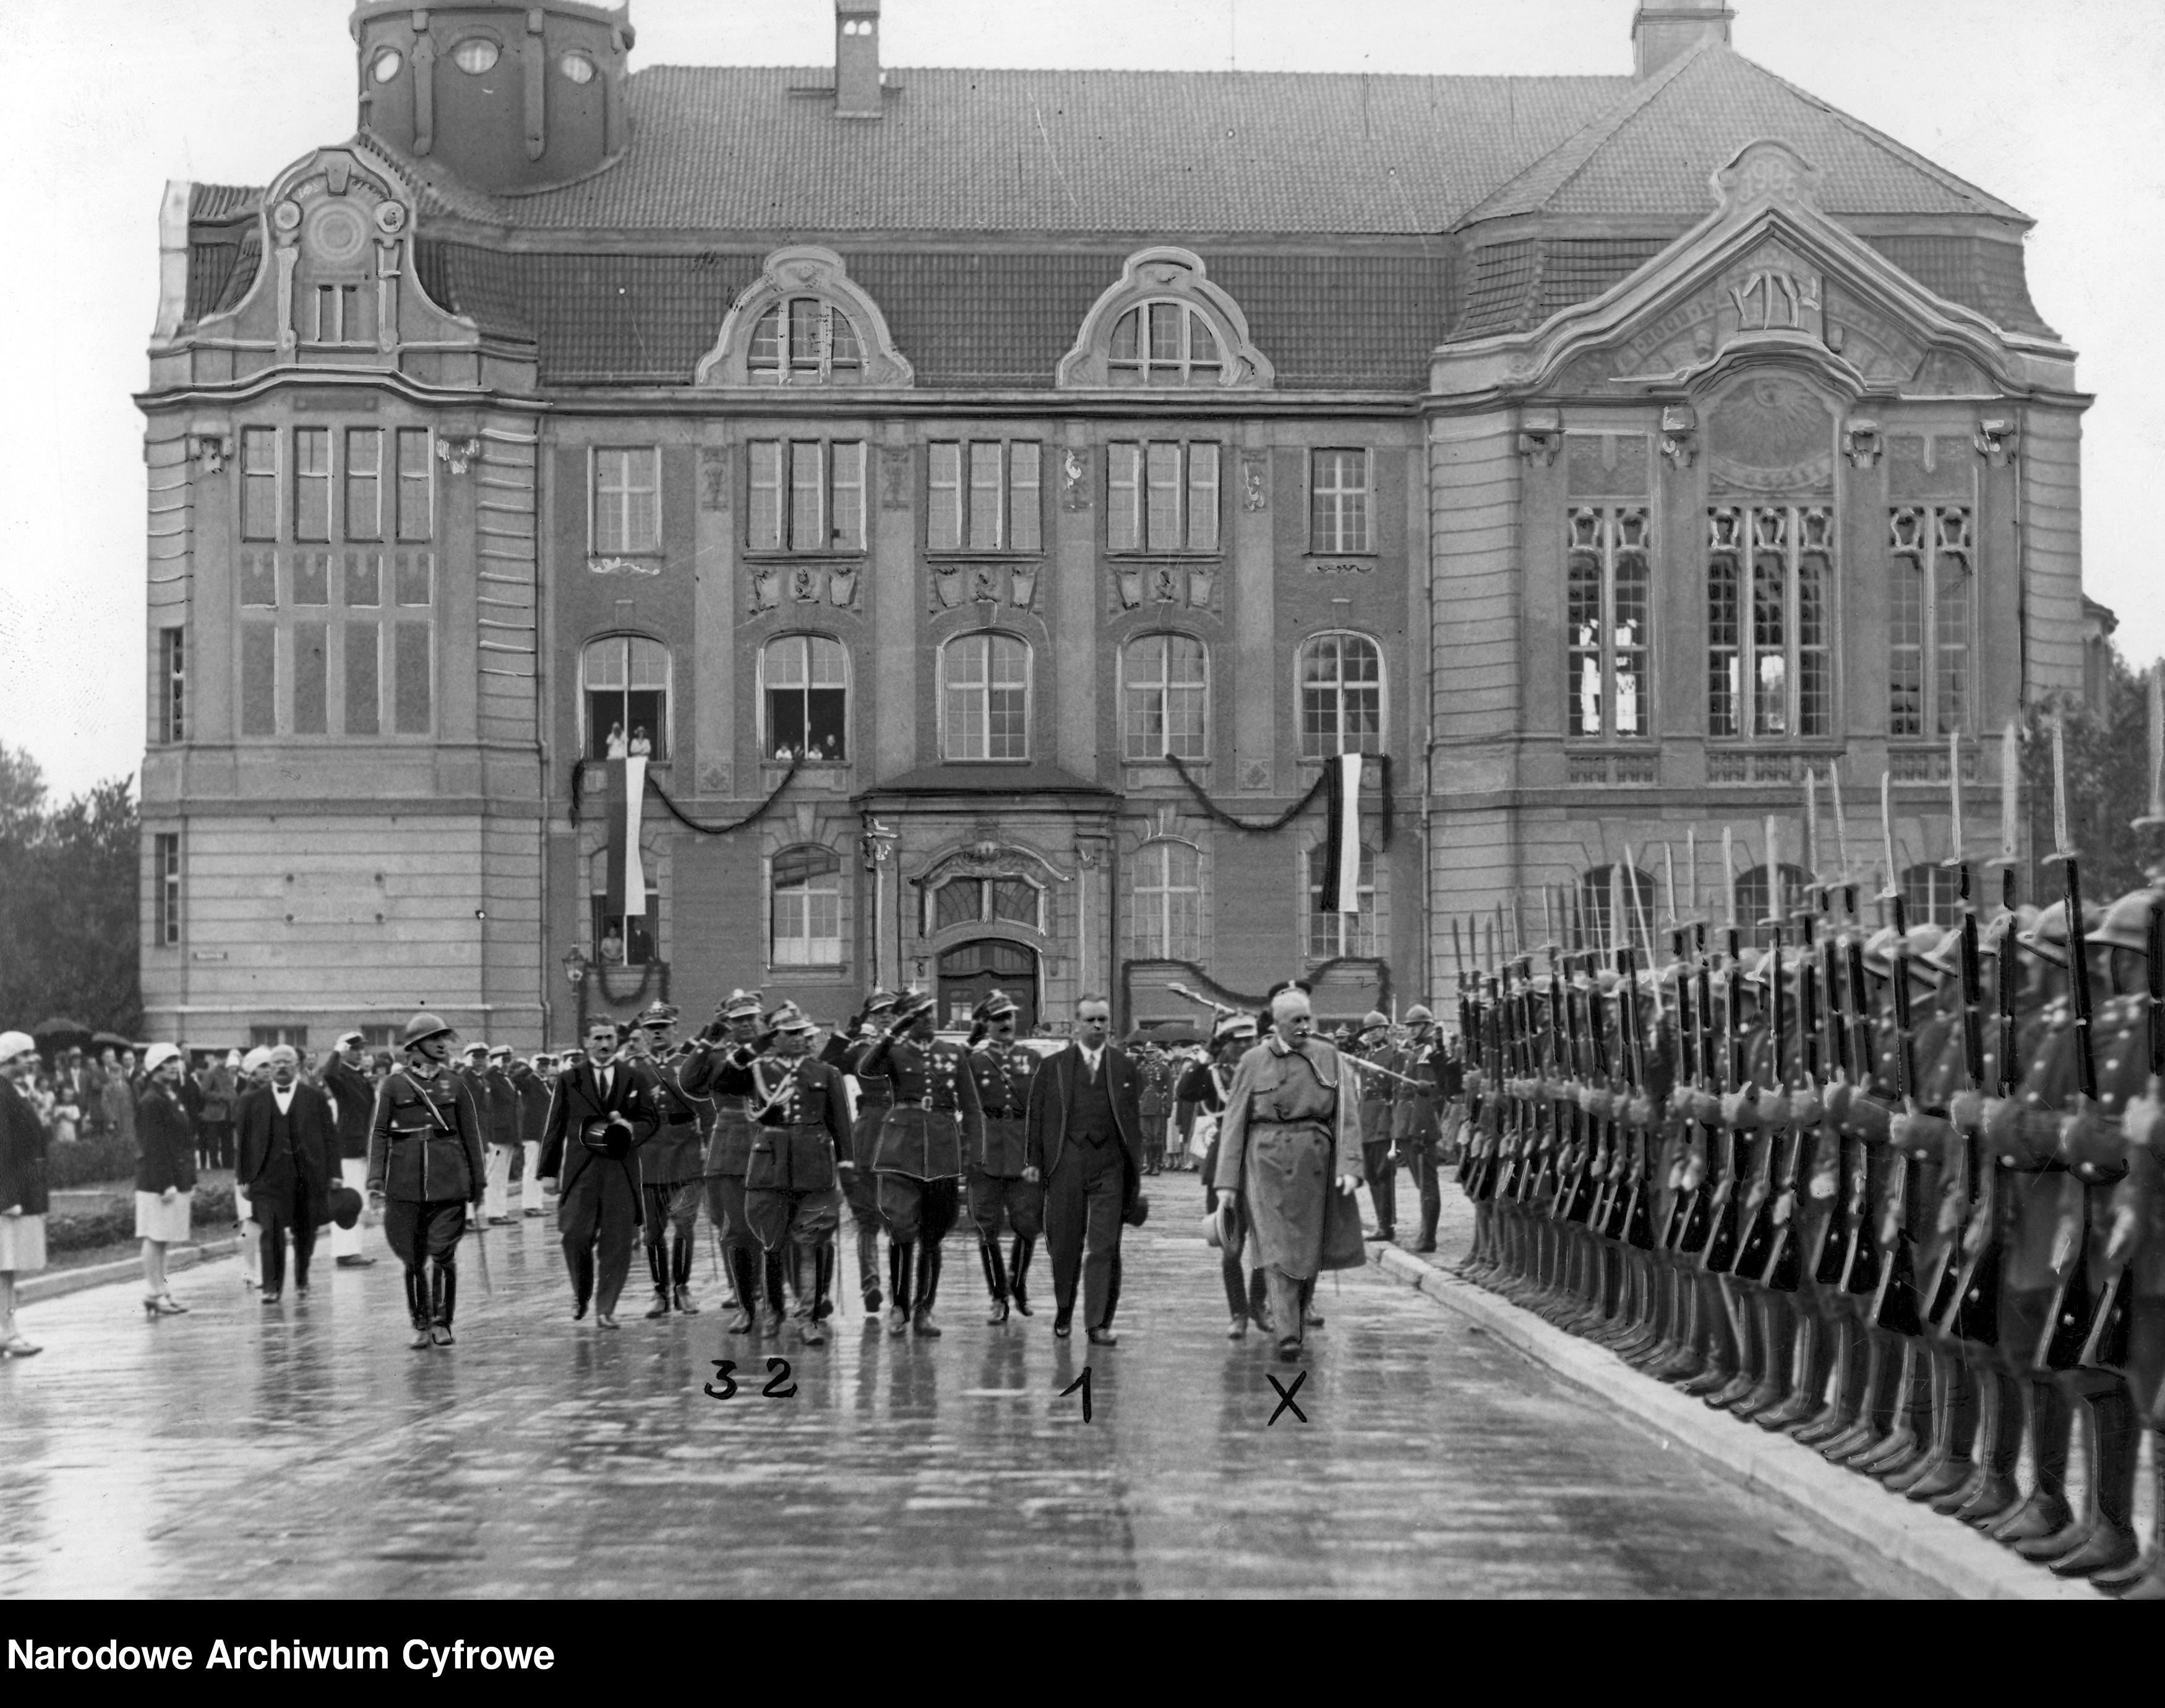 192808dd-Wizyta prezydenta RP Ignacego Mościckiego w Bydgoszczy~3_1_0_2_1551_1_1_188755